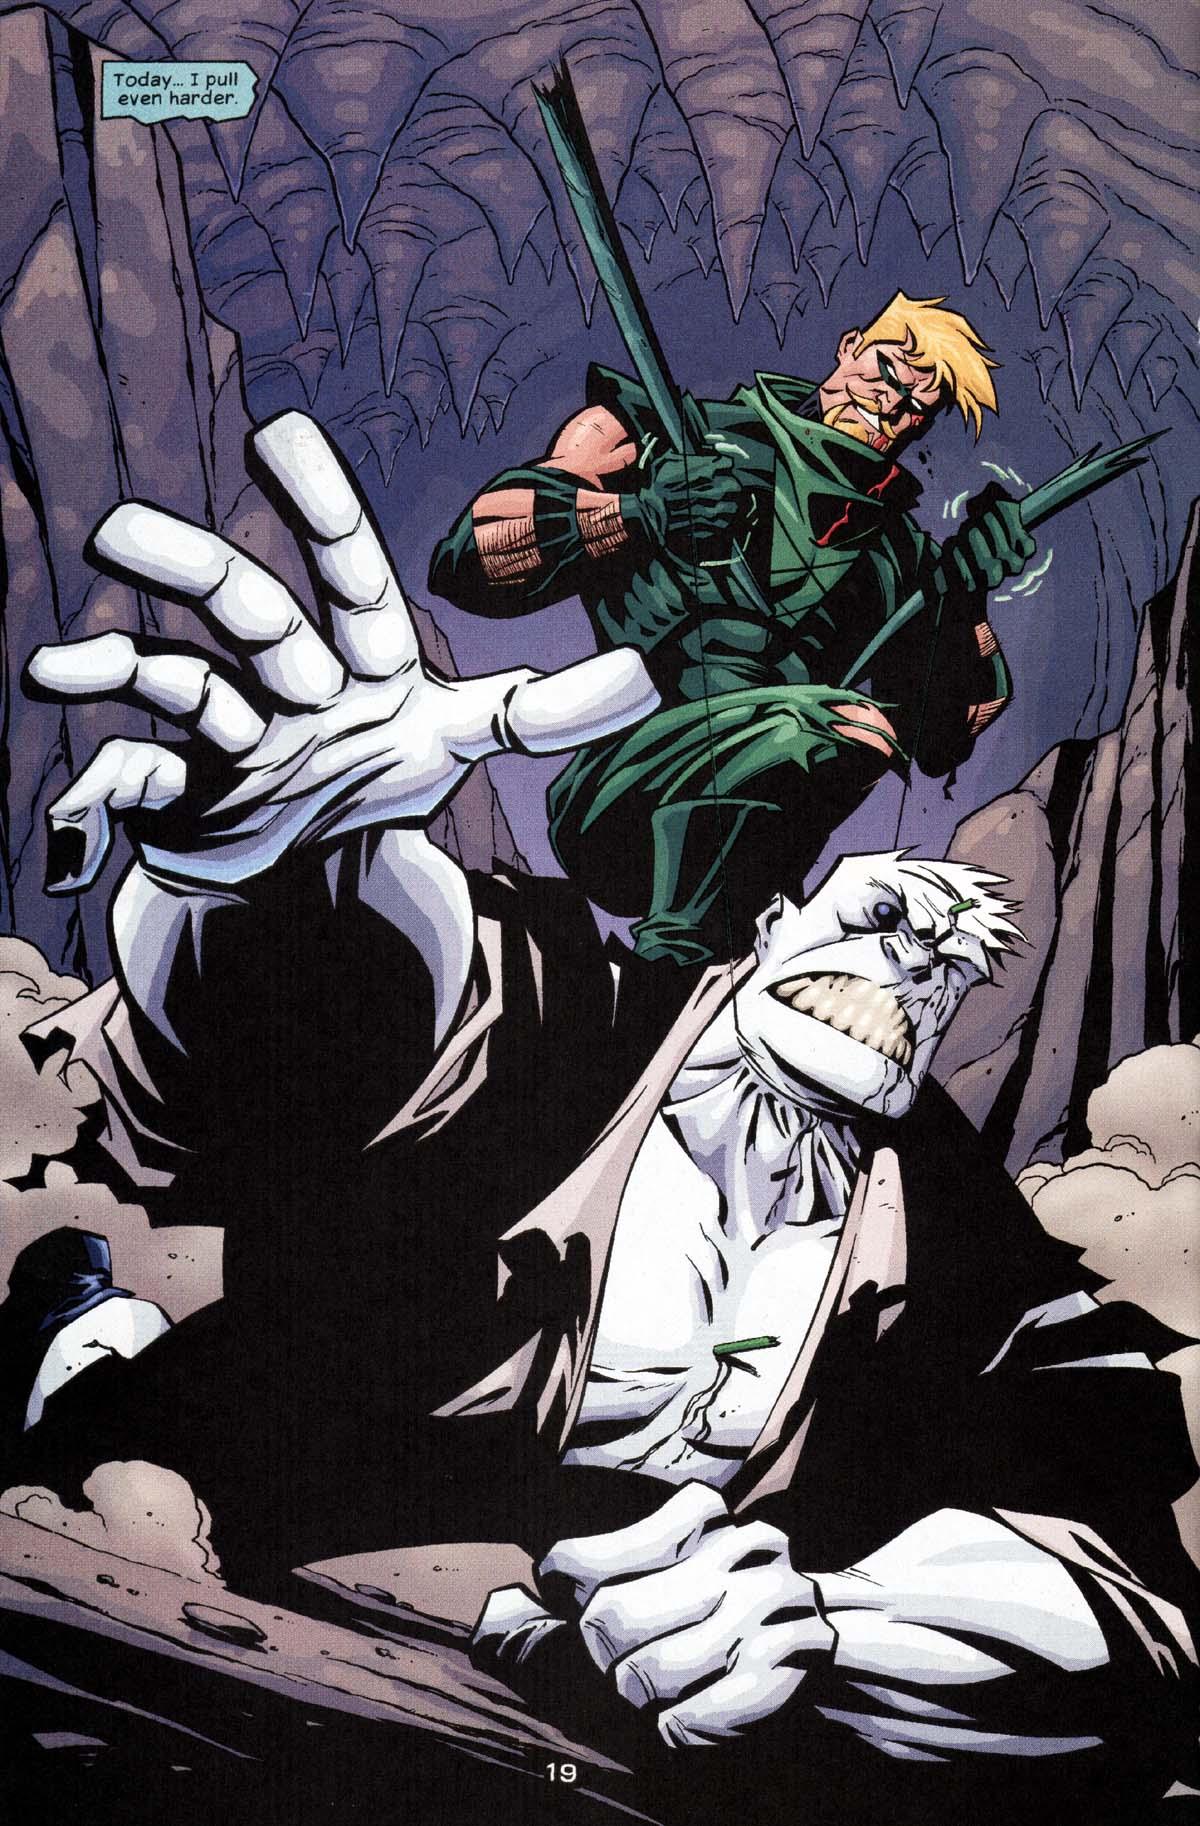 Green Arrow v4 018-19 SolomonGrundy.JPG